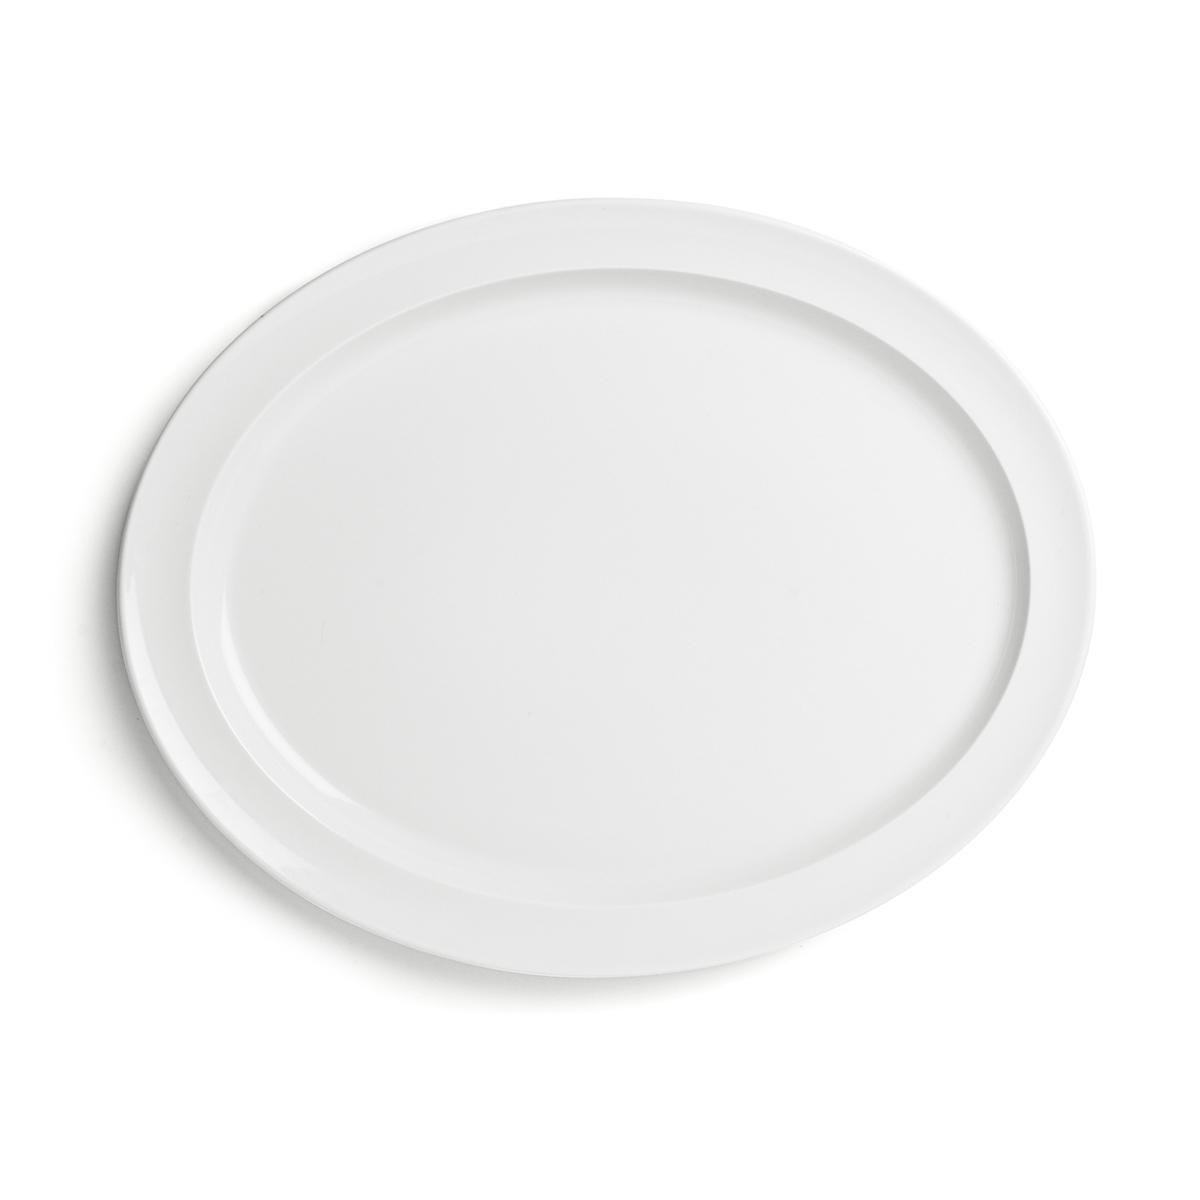 Billede af Enkel serveringsfad - Hvidpot - L 39 x B 29 cm